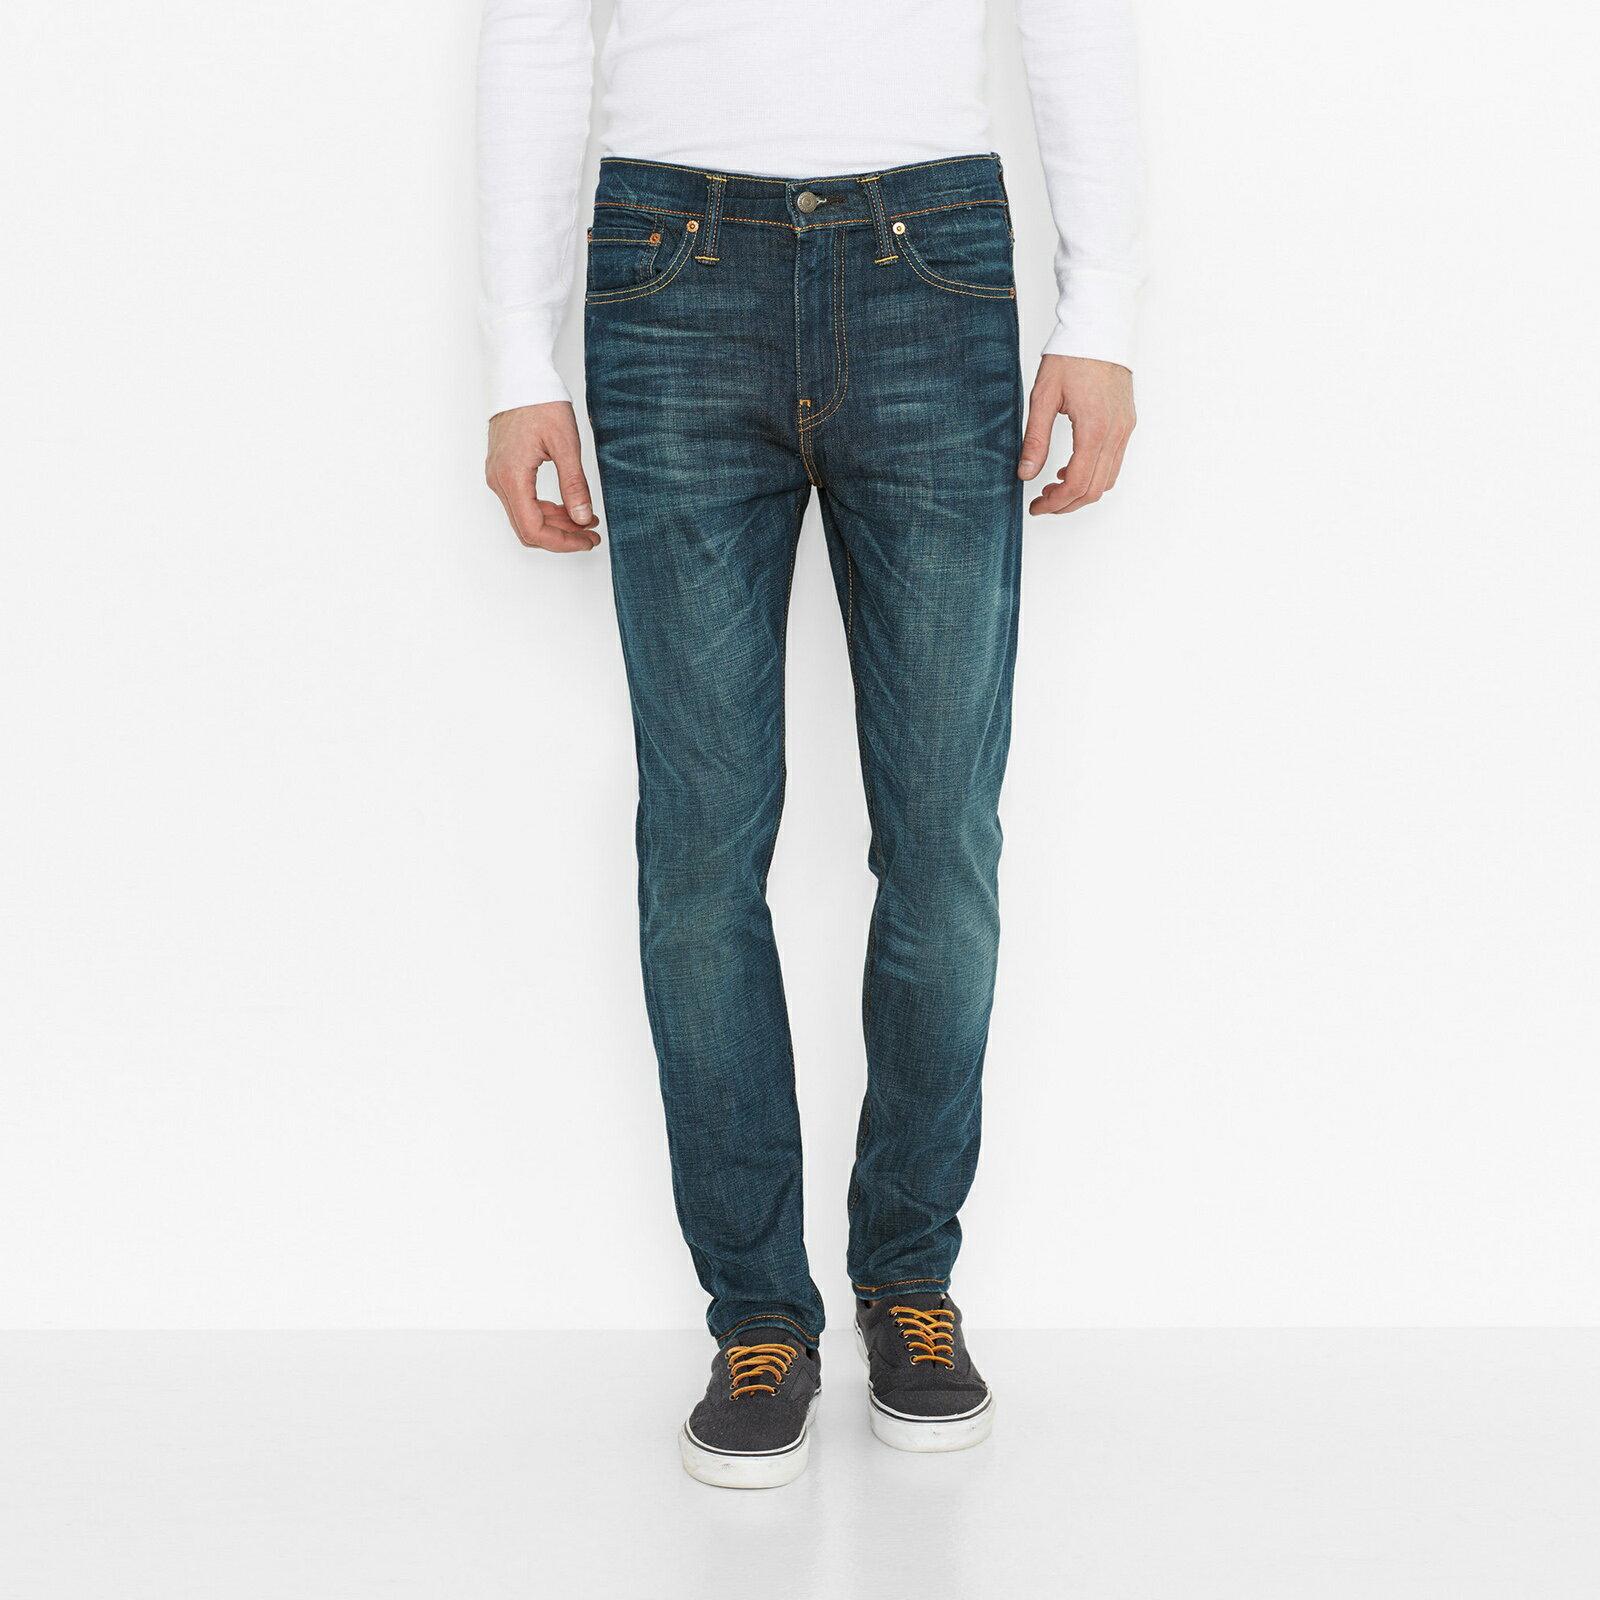 美國百分百【全新真品】Levis 510 Skinny Fit 男 牛仔褲 直筒 合身 窄版 單寧 刷色 青藍 28腰 E283